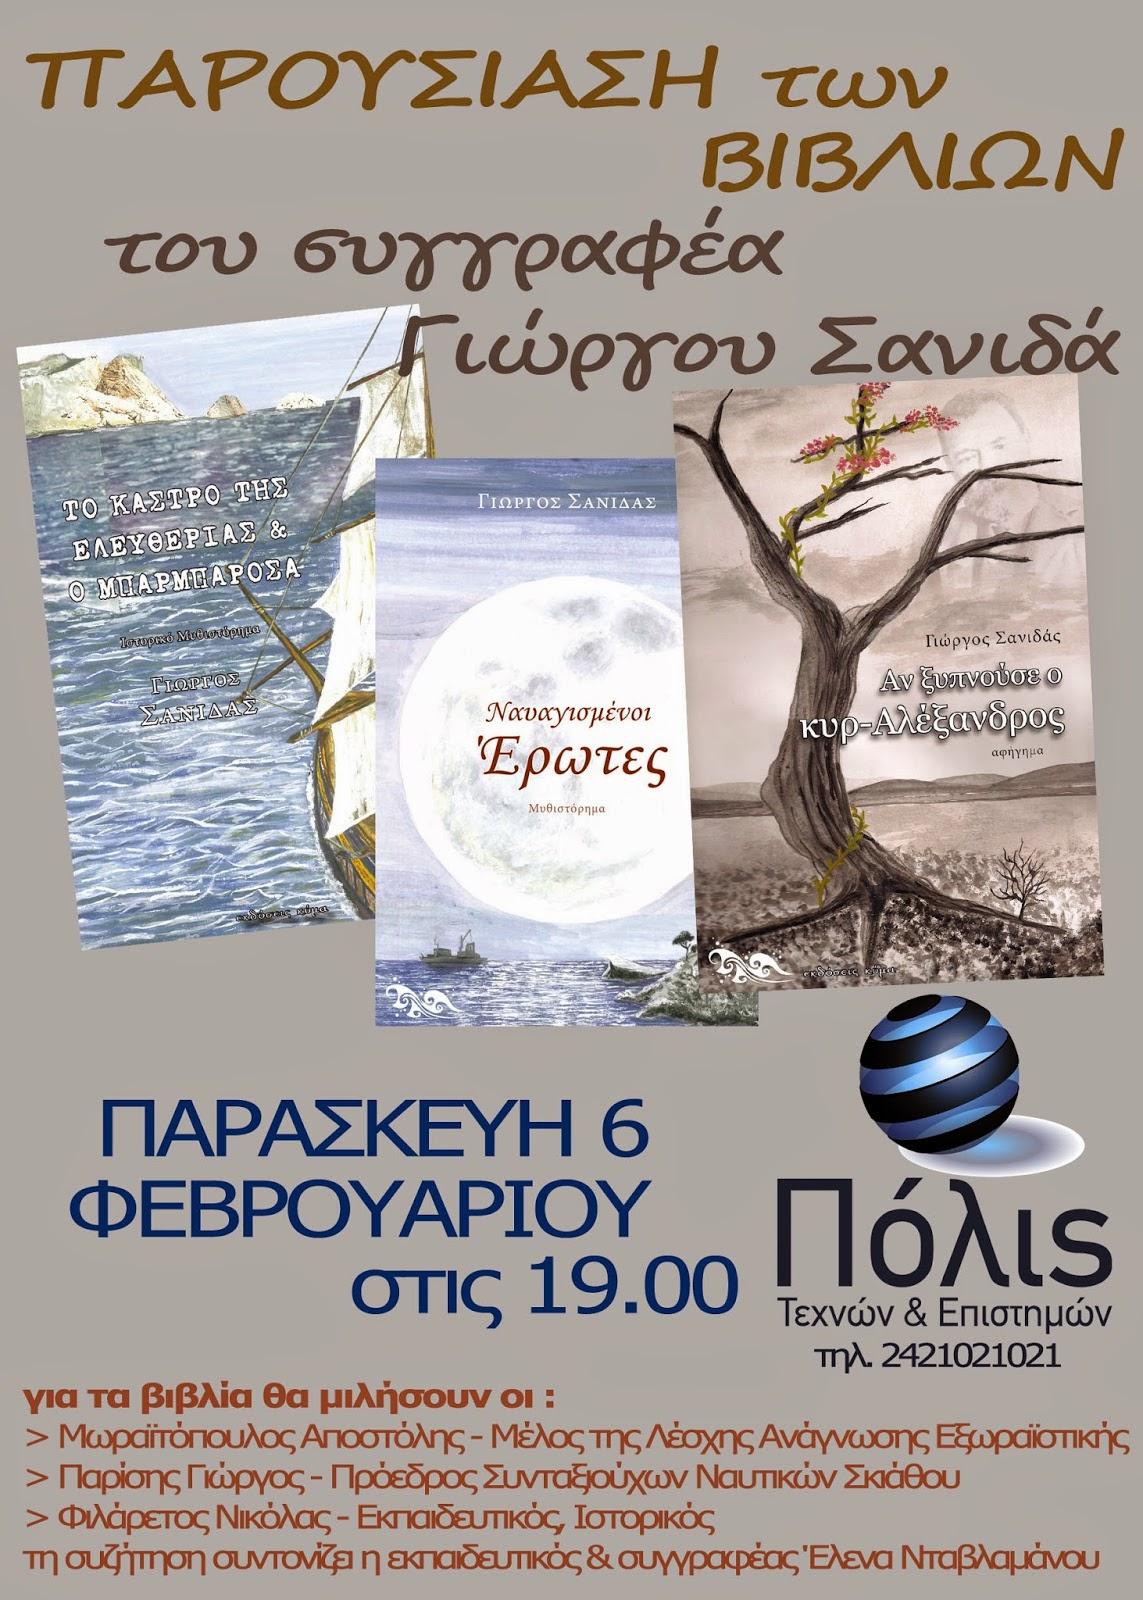 'Αν ξυπνούσε ο κυρ-Αλέξανδρος' - Βιβλίο του Γιώργου Σανιδά